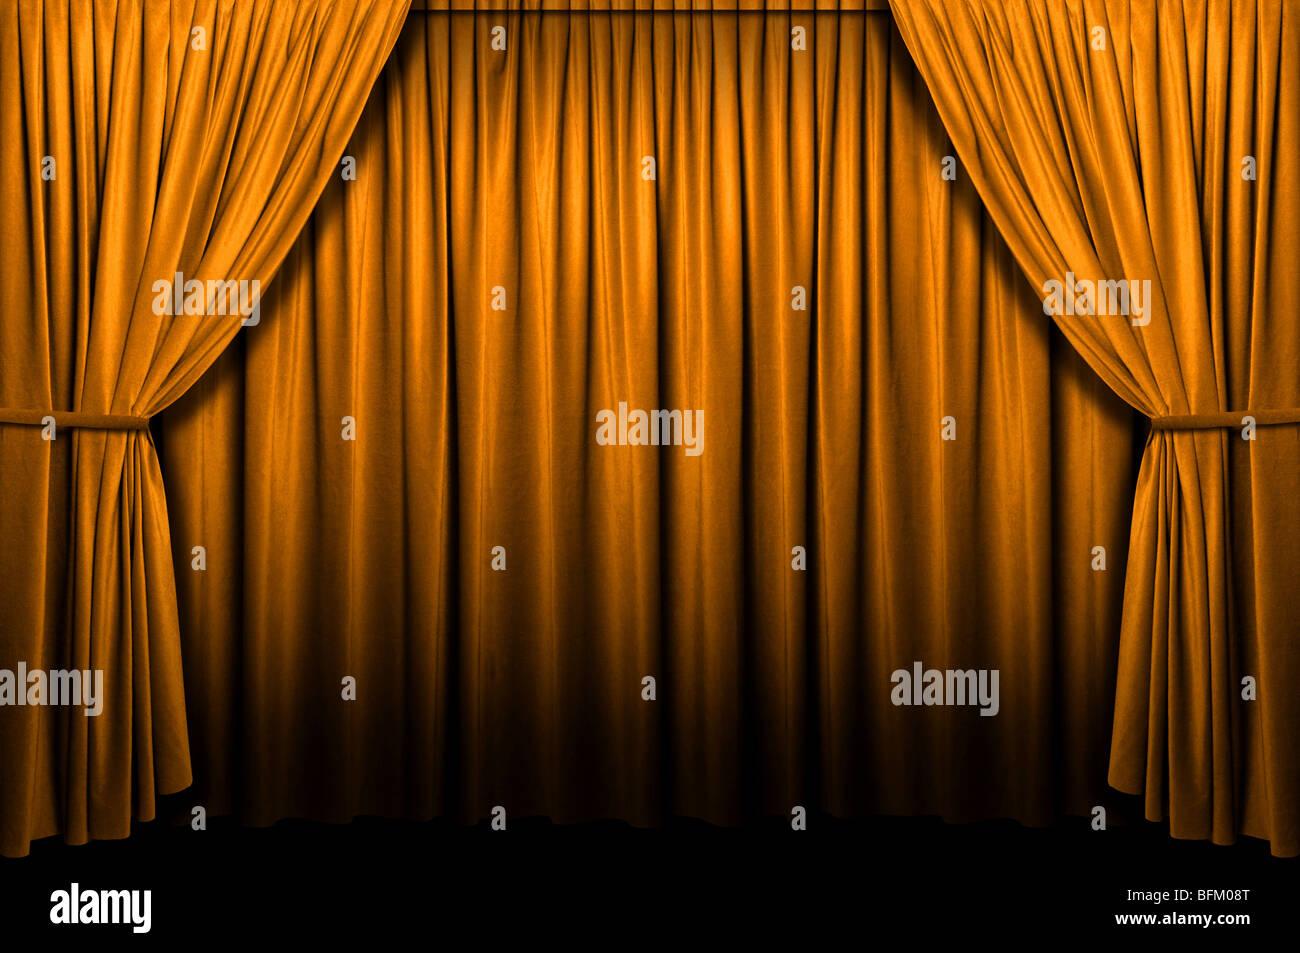 Rideau de scène de l'or avec la lumière et les ombres Banque D'Images